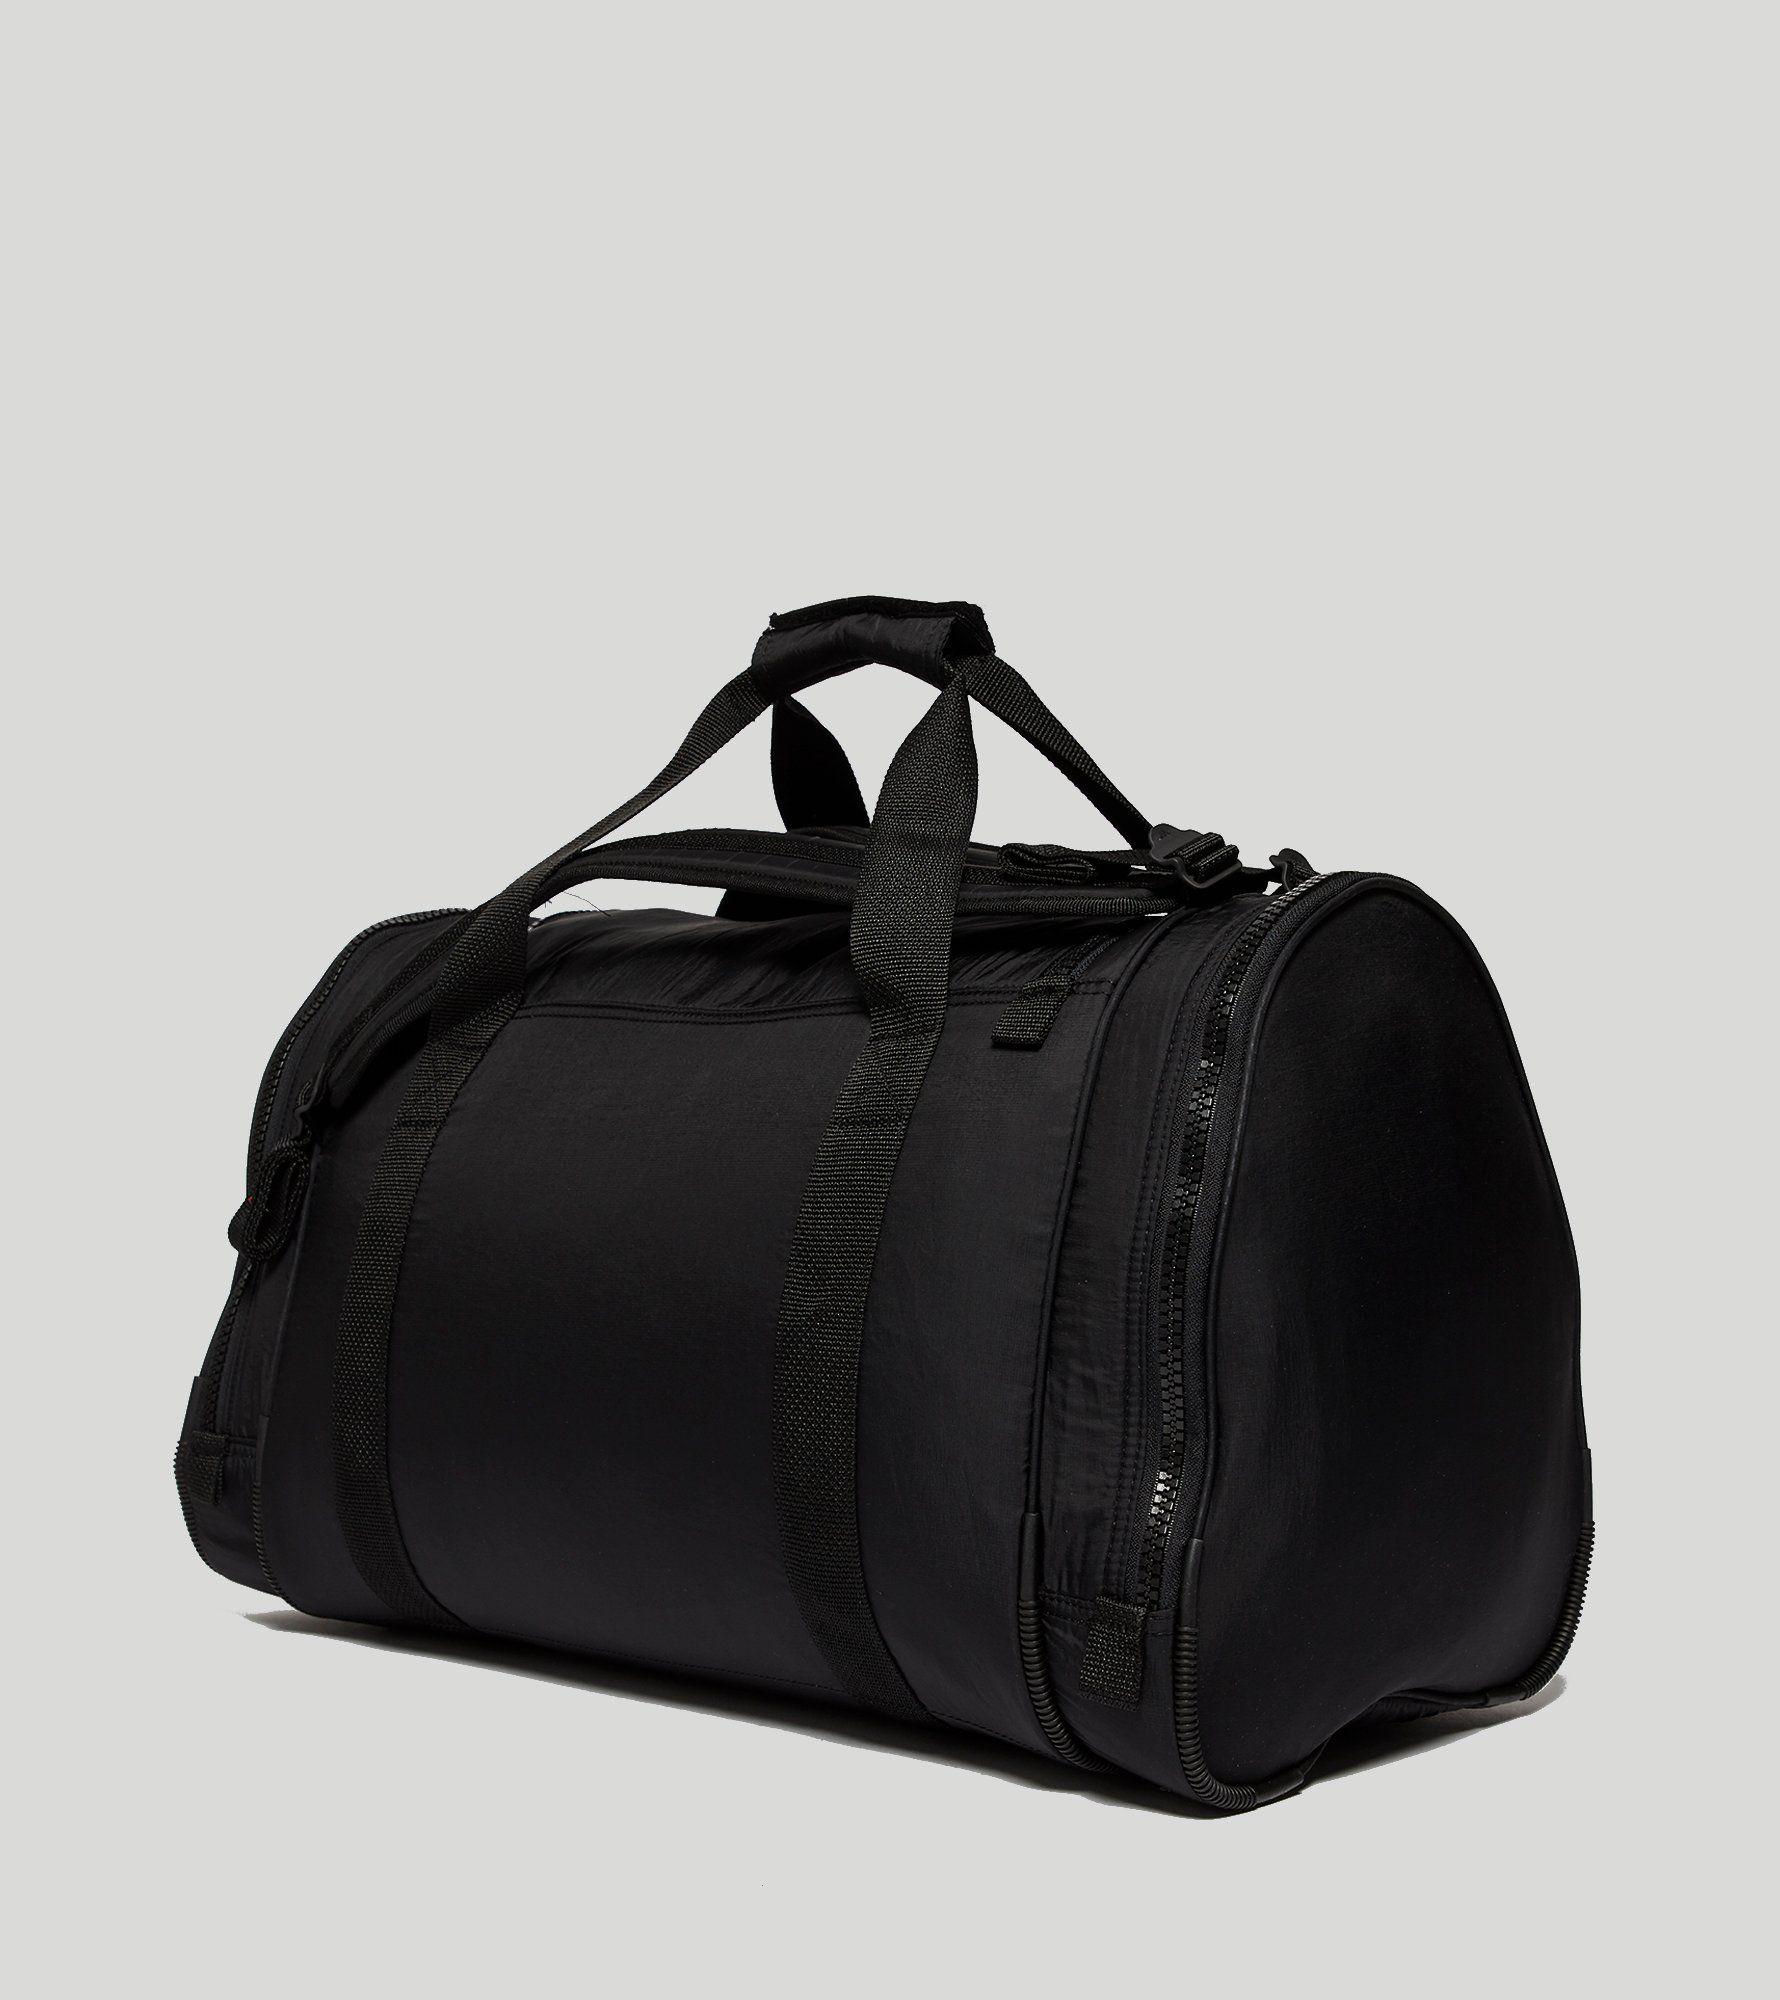 ¿Adidas Originals EQT bolso tamaño de bolsa?